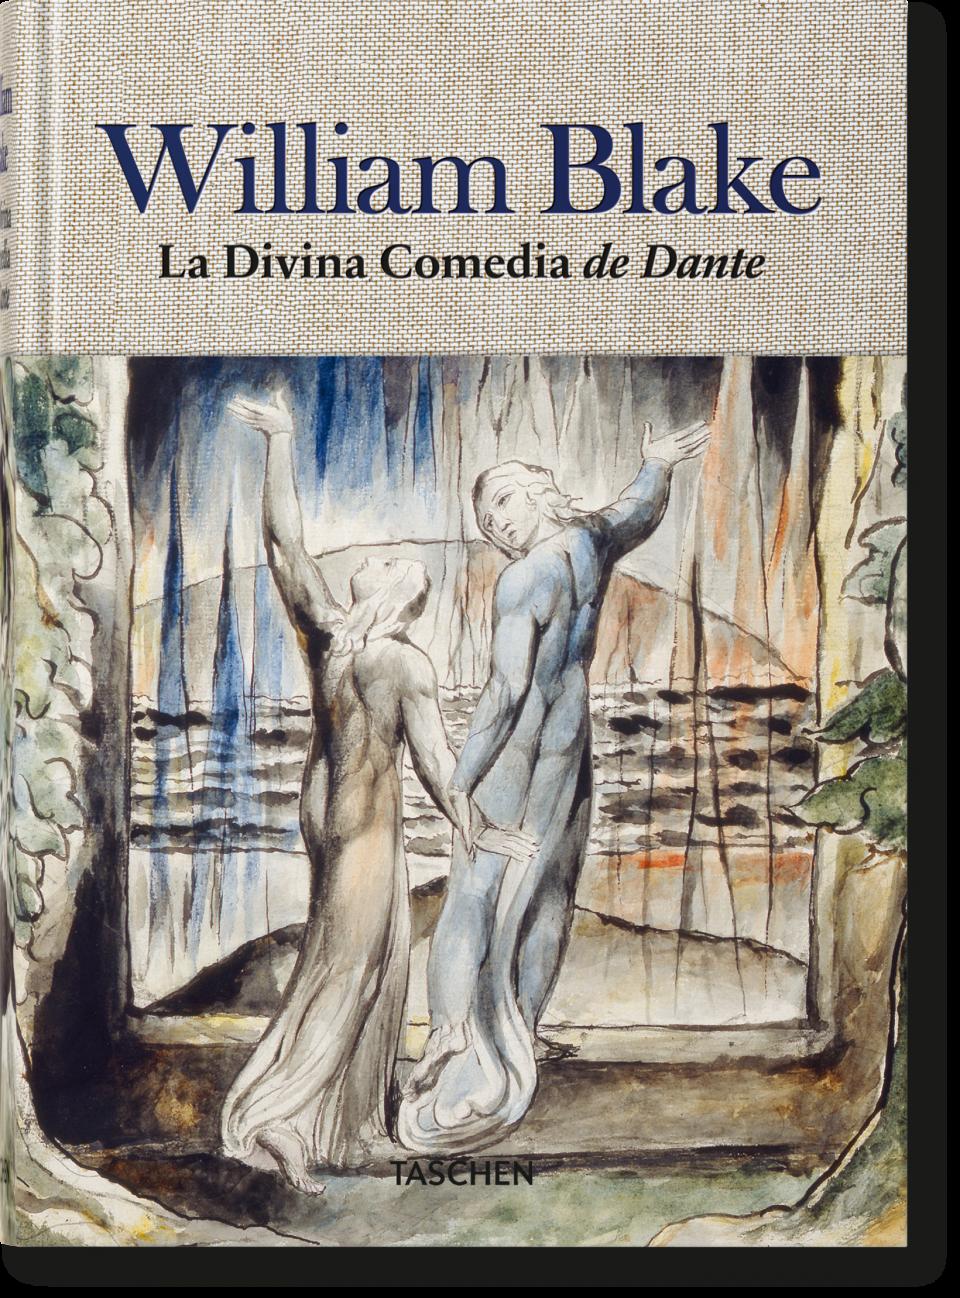 William Blake Los Dibujos Para La Divina Comedia De Dante Libros Taschen Dante Divina Comedia La Divina Comedia William Blake